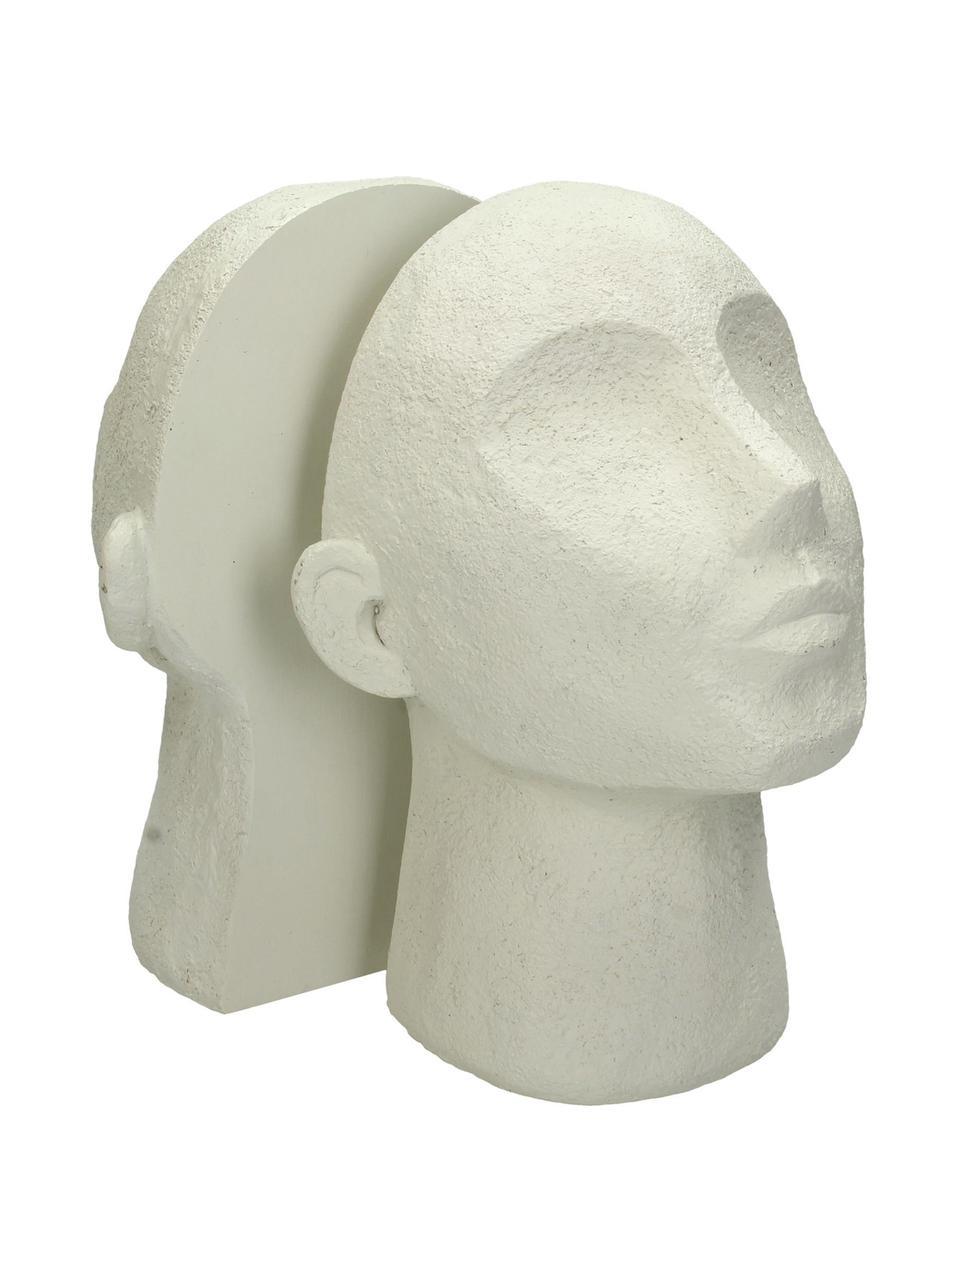 Podpórka do książek Head, 2 szt., Poliresing, Złamana biel, S 23 x W 32 cm